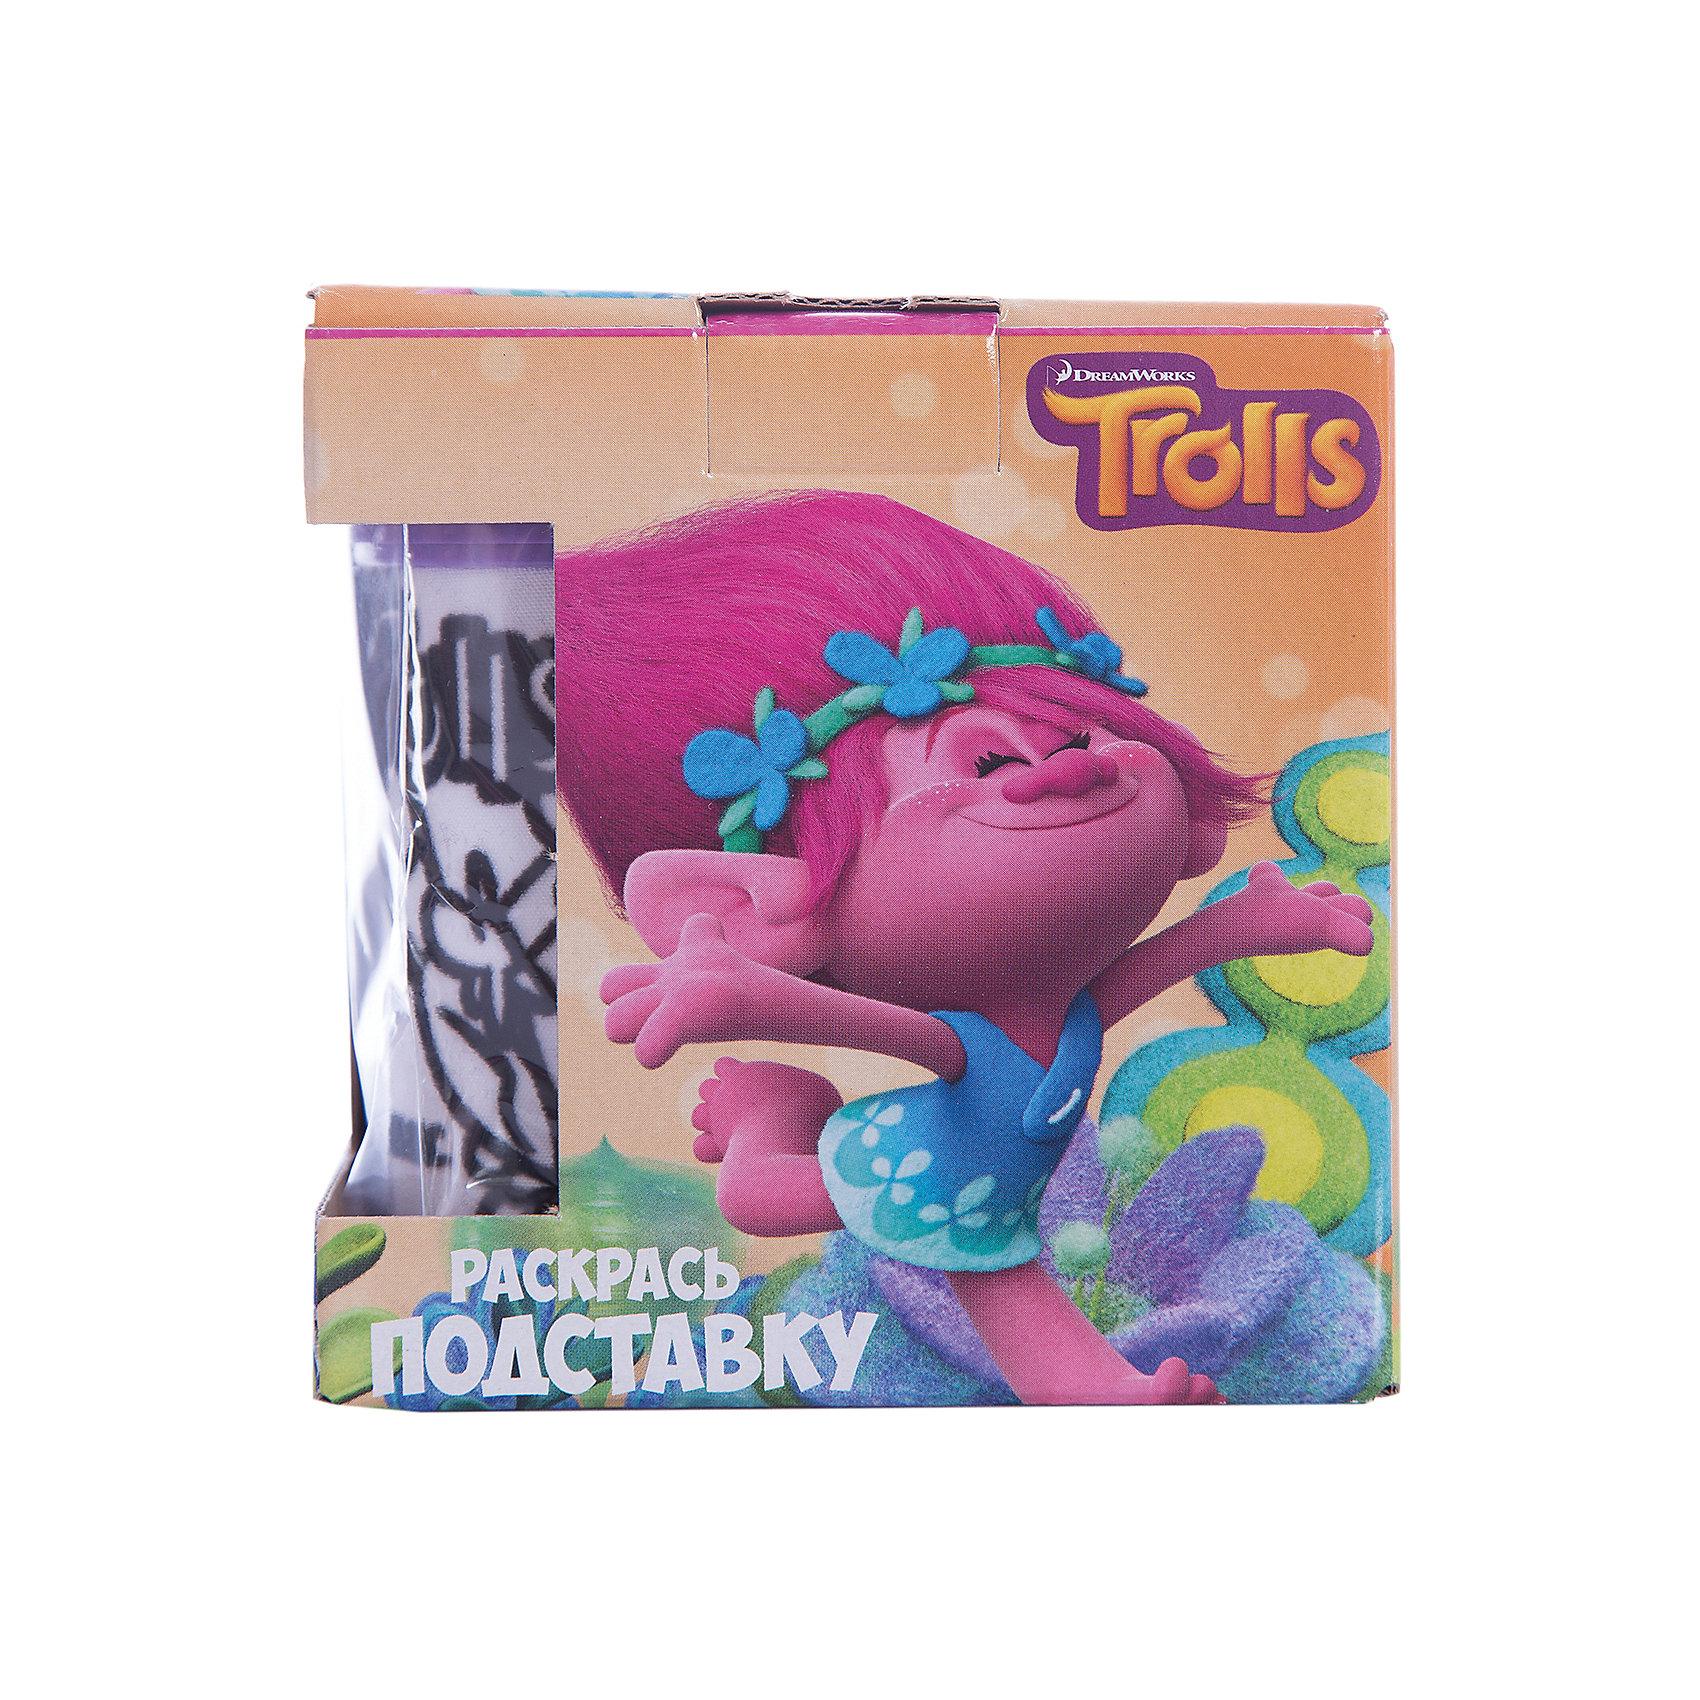 Набор раскрась подставку ТроллиРисование<br>Набор раскрась подставку Тролли<br><br>Характеристики:<br><br>• В набор входит: подставка для карандашей, большие фломастеры (8,8 см) 12 цветов, с тканевой вставкой из флока<br>• Размер упаковки: 11,5 * 10 * 11,5 см.<br>• Размер подставки: 10 * 8,5 *8,5 см.<br>• Вес: 250 г.<br>• Для детей в возрасте: от 3 лет<br>• Страна производитель: Китай<br><br>Большие фломастеры формата Jumbo ярко рисуют и легко помещаются в ручку ребёнка, позволяя ему самому раскрасить свою новую подставку для карандашей и фломастеров. Сама подставка изготовлена из пластика и тканевой вставки из флока, которую ребёнок и сможет раскрашивать.<br><br>Набор раскрась подставку Тролли можно купить в нашем интернет-магазине.<br><br>Ширина мм: 100<br>Глубина мм: 115<br>Высота мм: 115<br>Вес г: 250<br>Возраст от месяцев: 36<br>Возраст до месяцев: 2147483647<br>Пол: Женский<br>Возраст: Детский<br>SKU: 5478270